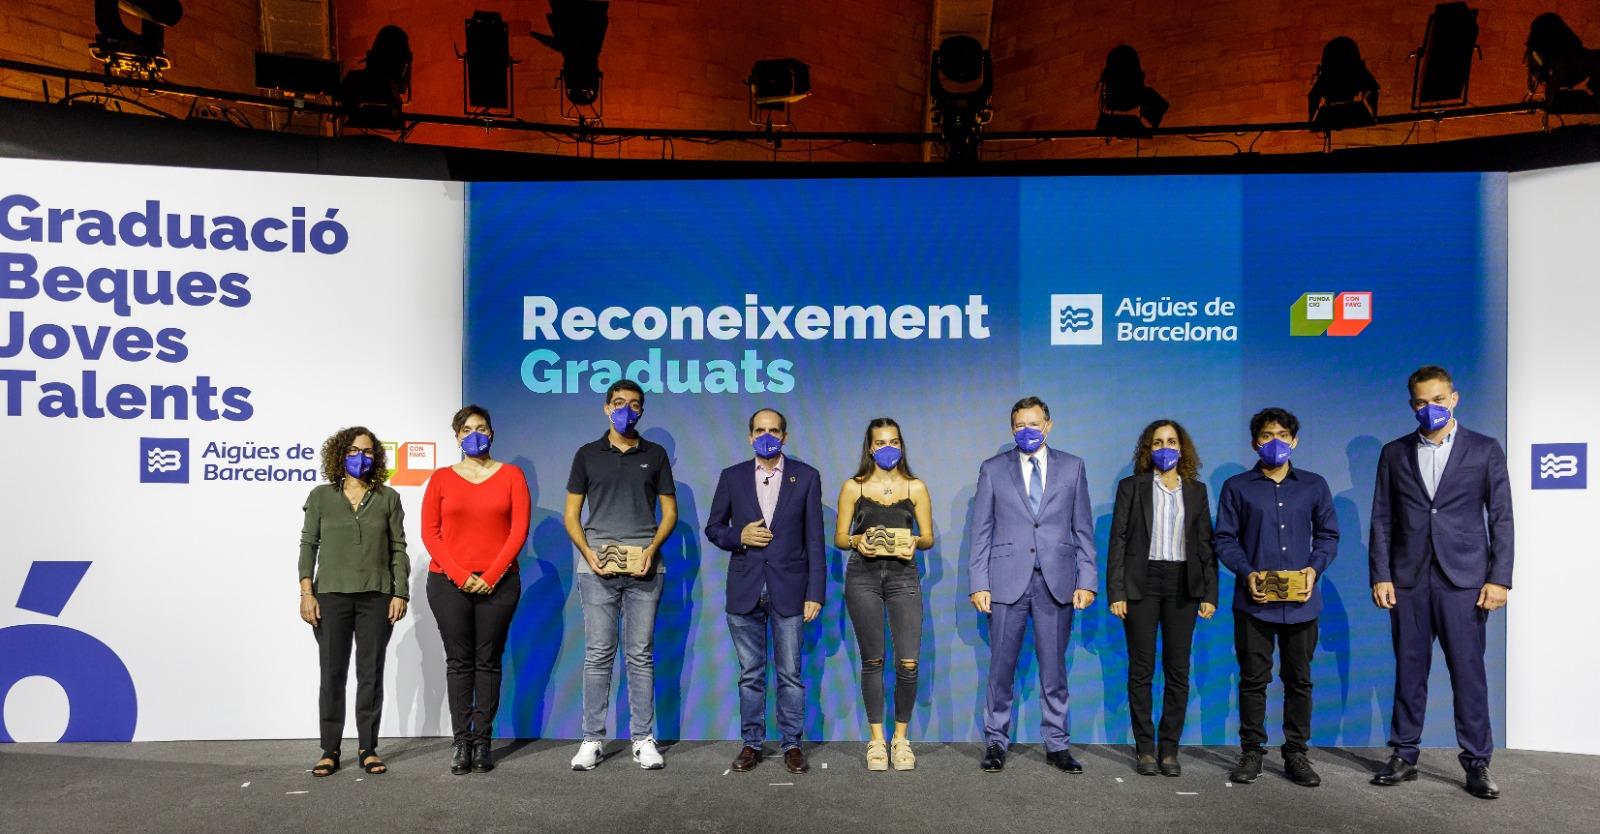 Els tres primers estudiants graduats gràcies a una beca del programa Joves Talents, d'Aigües de Barcelona i la Confavc, en l'acte de reconeixement que se'ls ha fet / Cedida